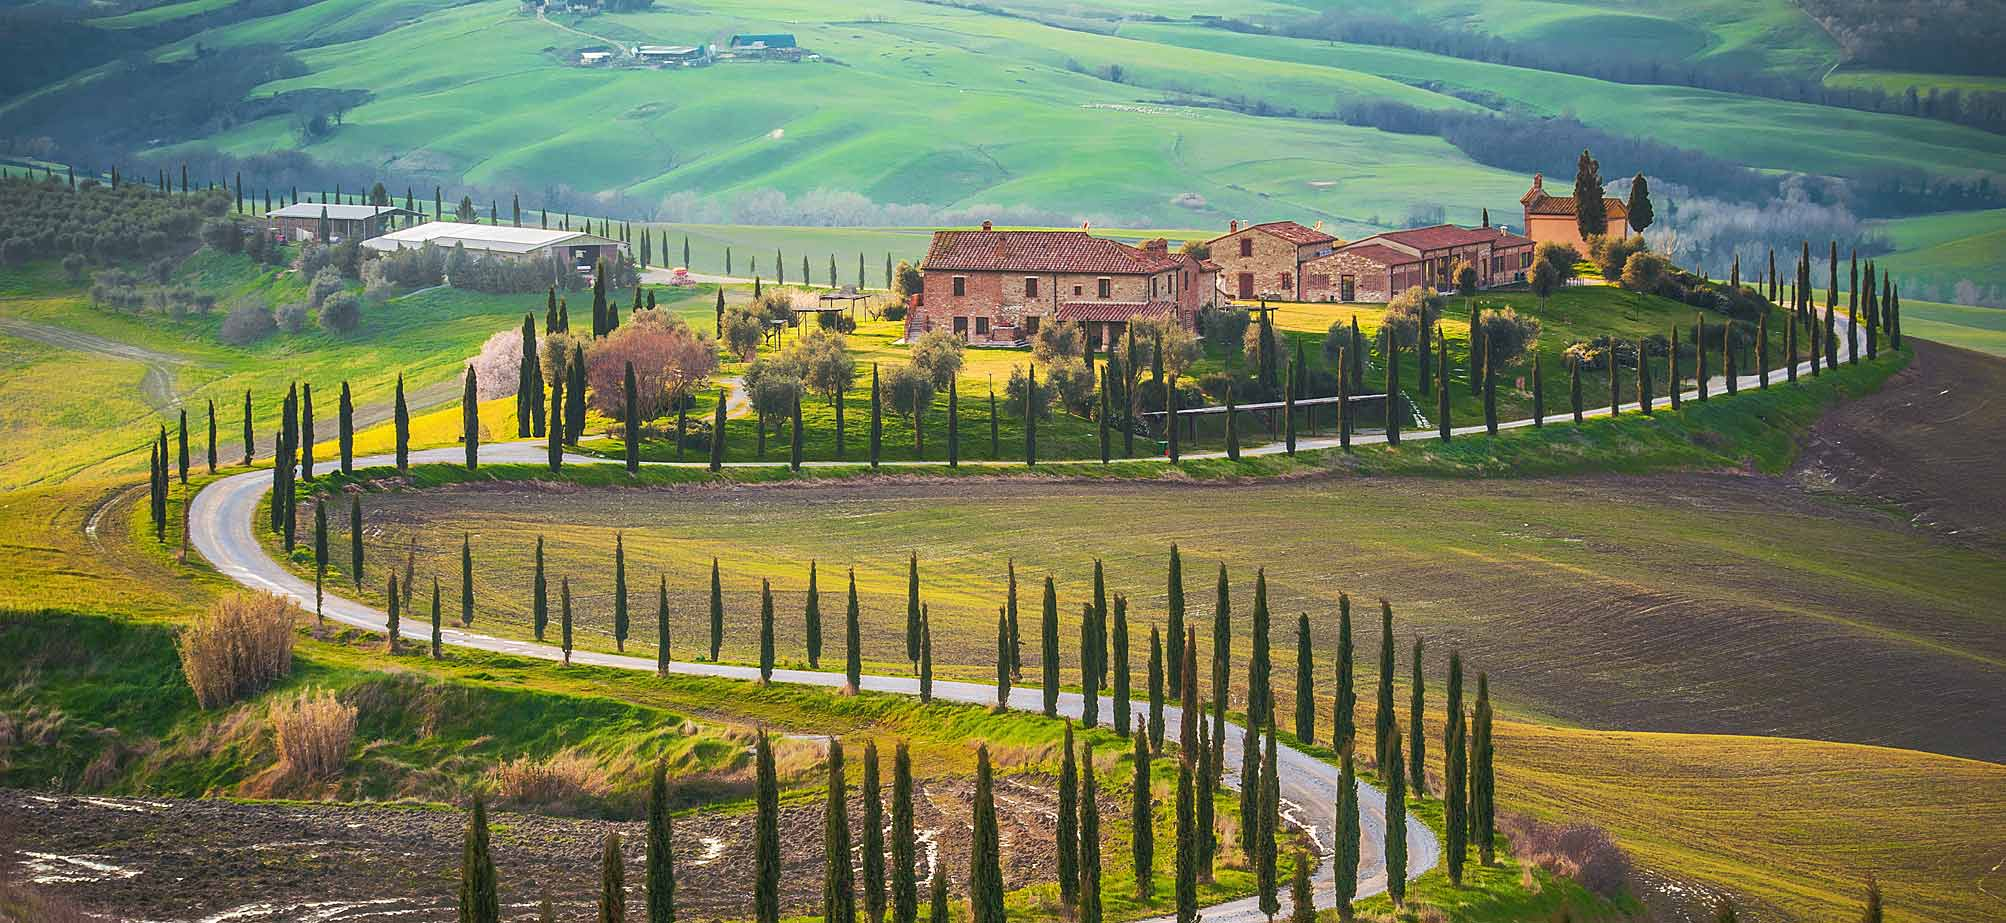 italy-tuscany-landscape-ss.jpg